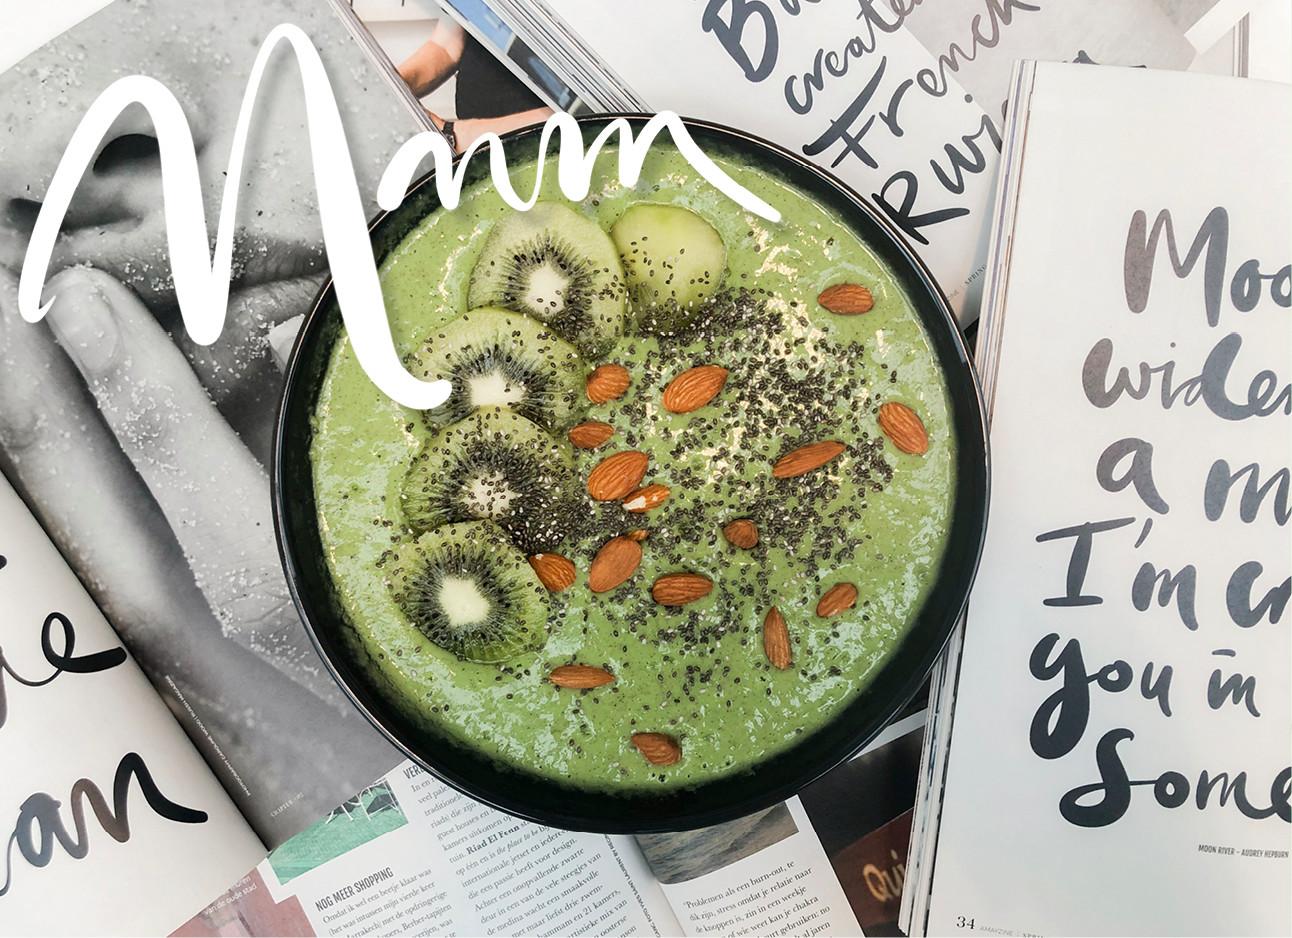 een schaal vol met groene smoothie met stukjes KIWI en amandelen